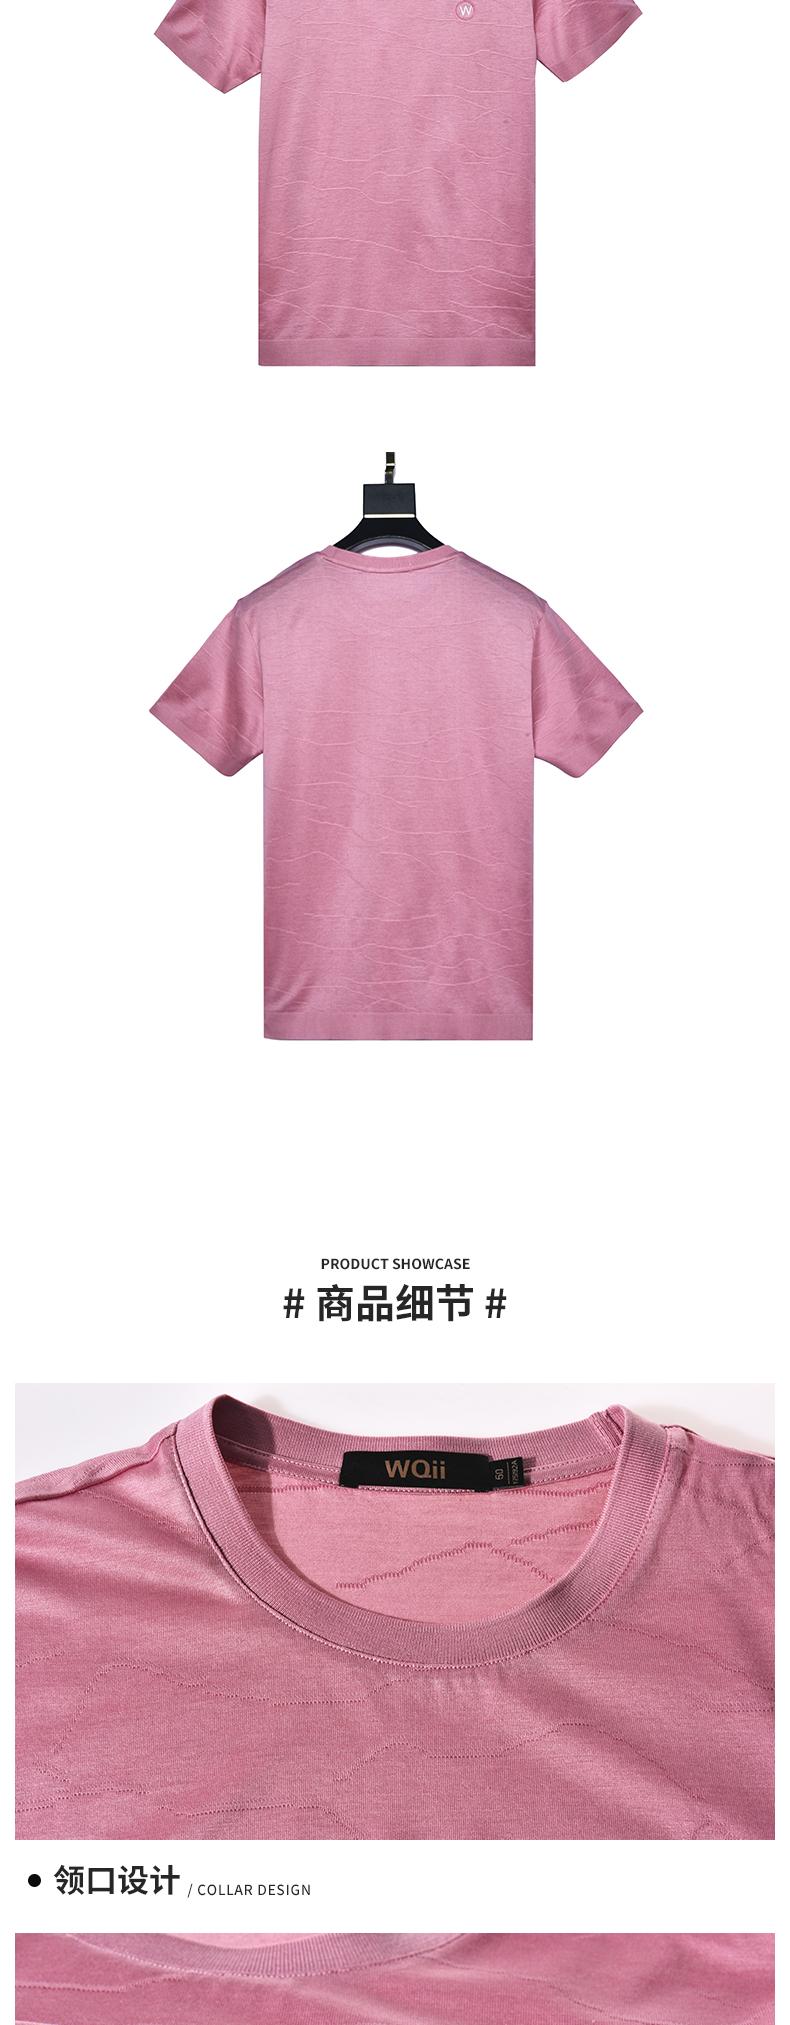 男衬衫详情_04.jpg